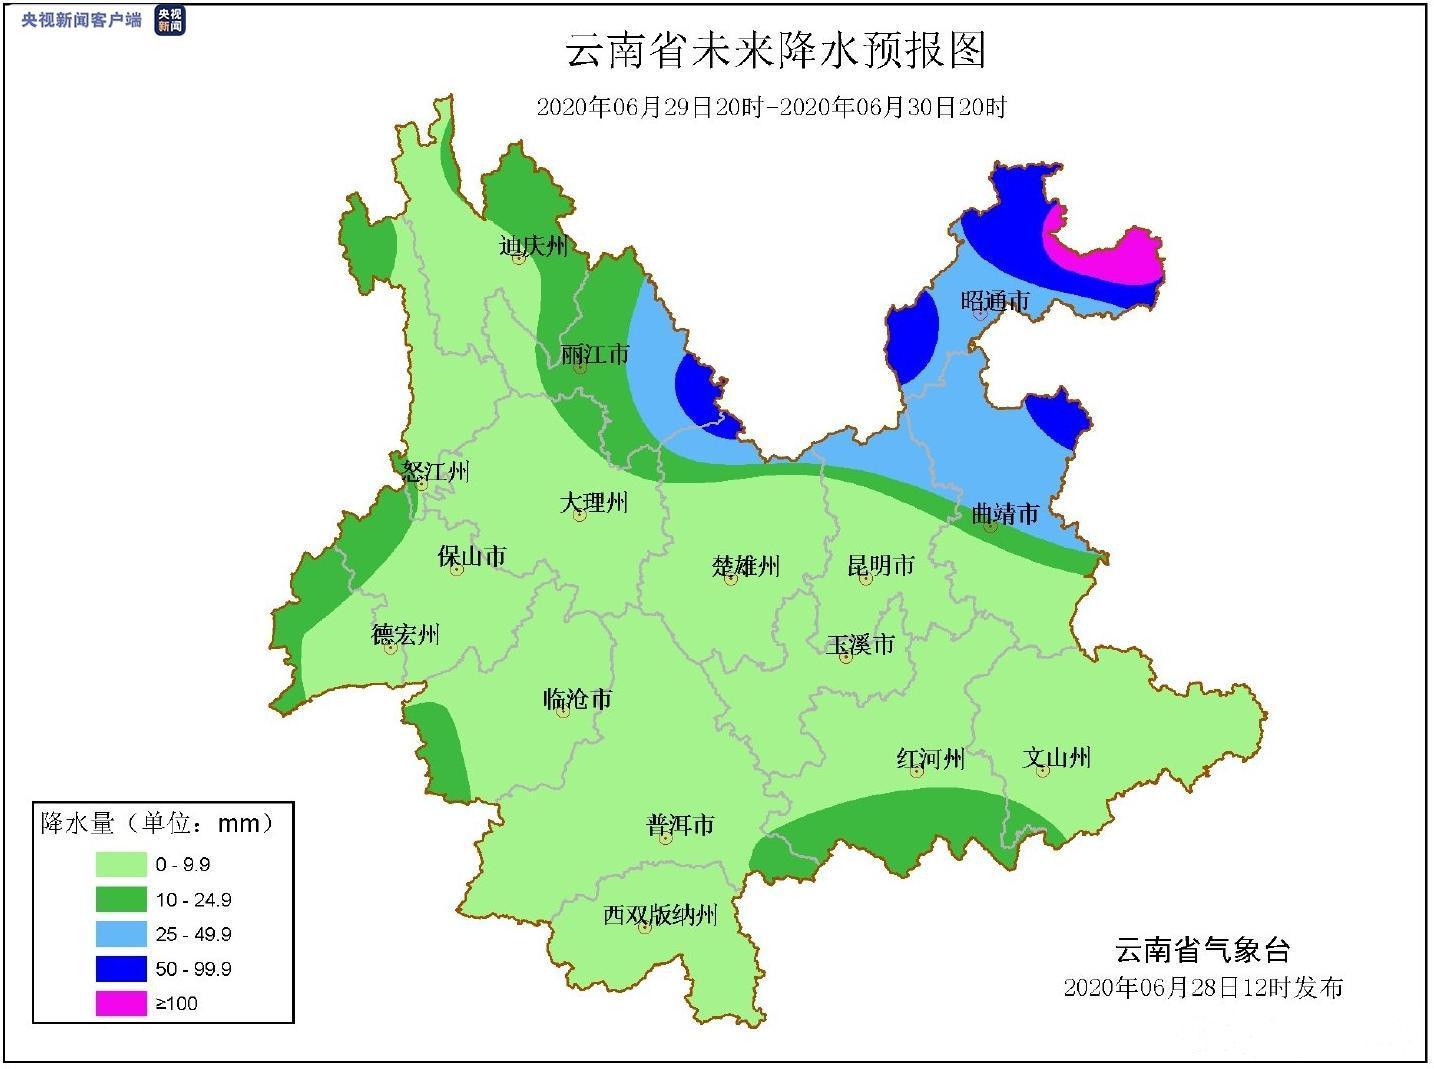 杏悦开户:雨云南杏悦开户发布地质灾害气象风图片